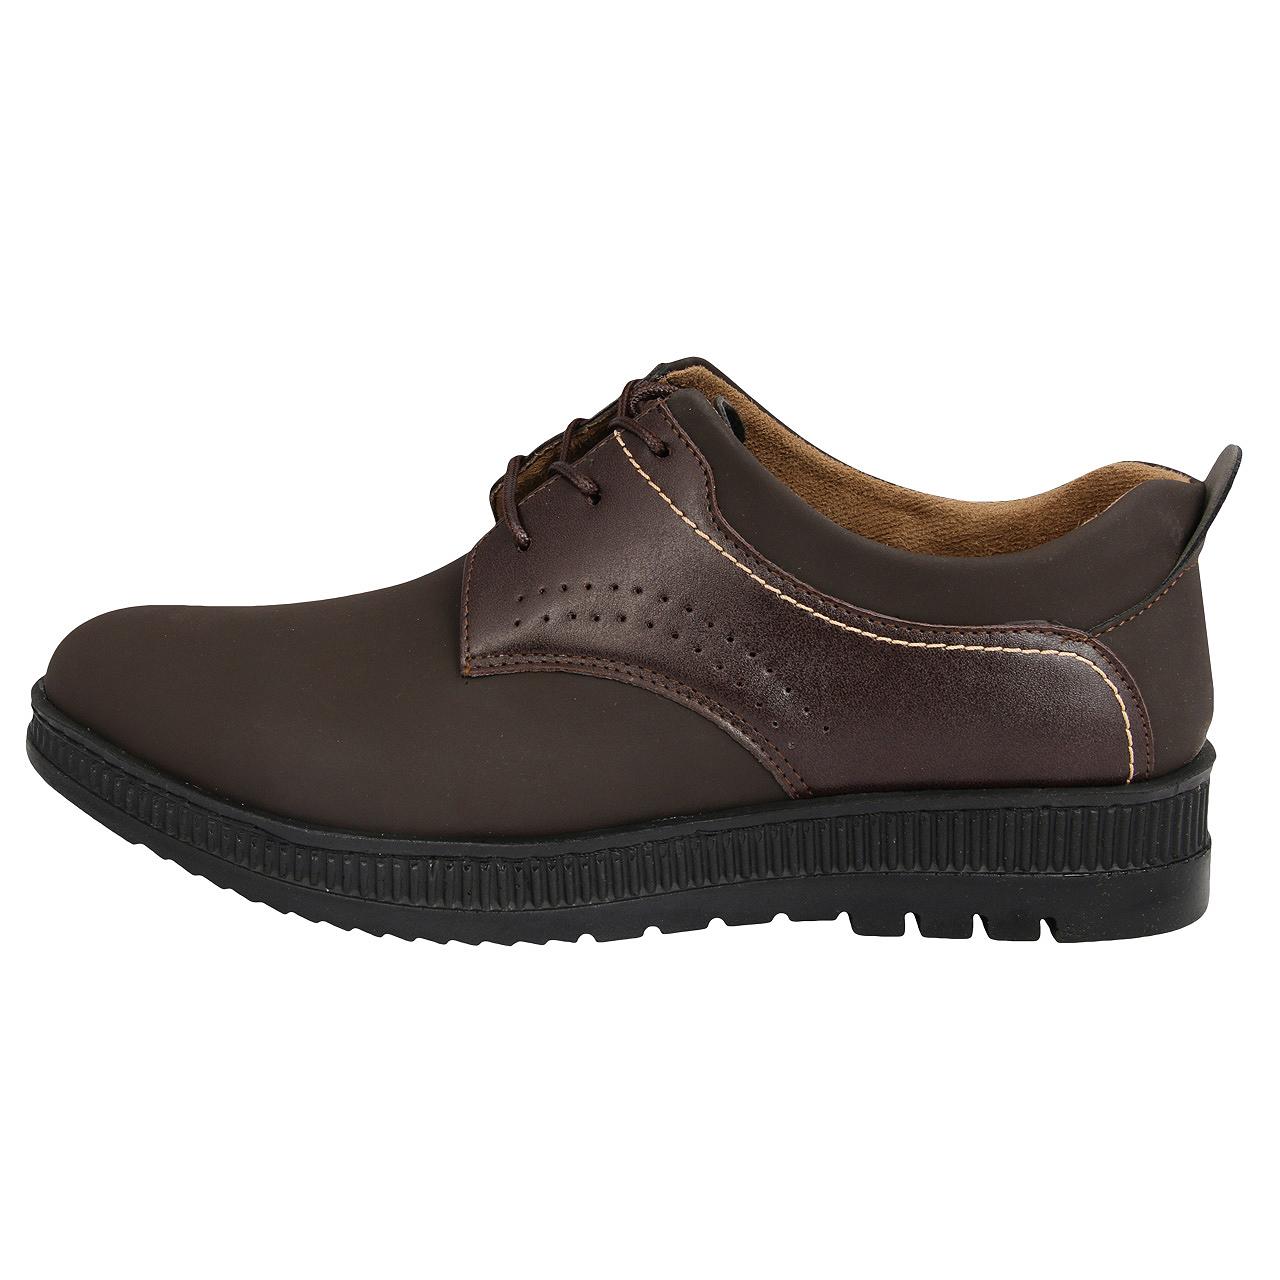 کفش مردانه کد 324000508